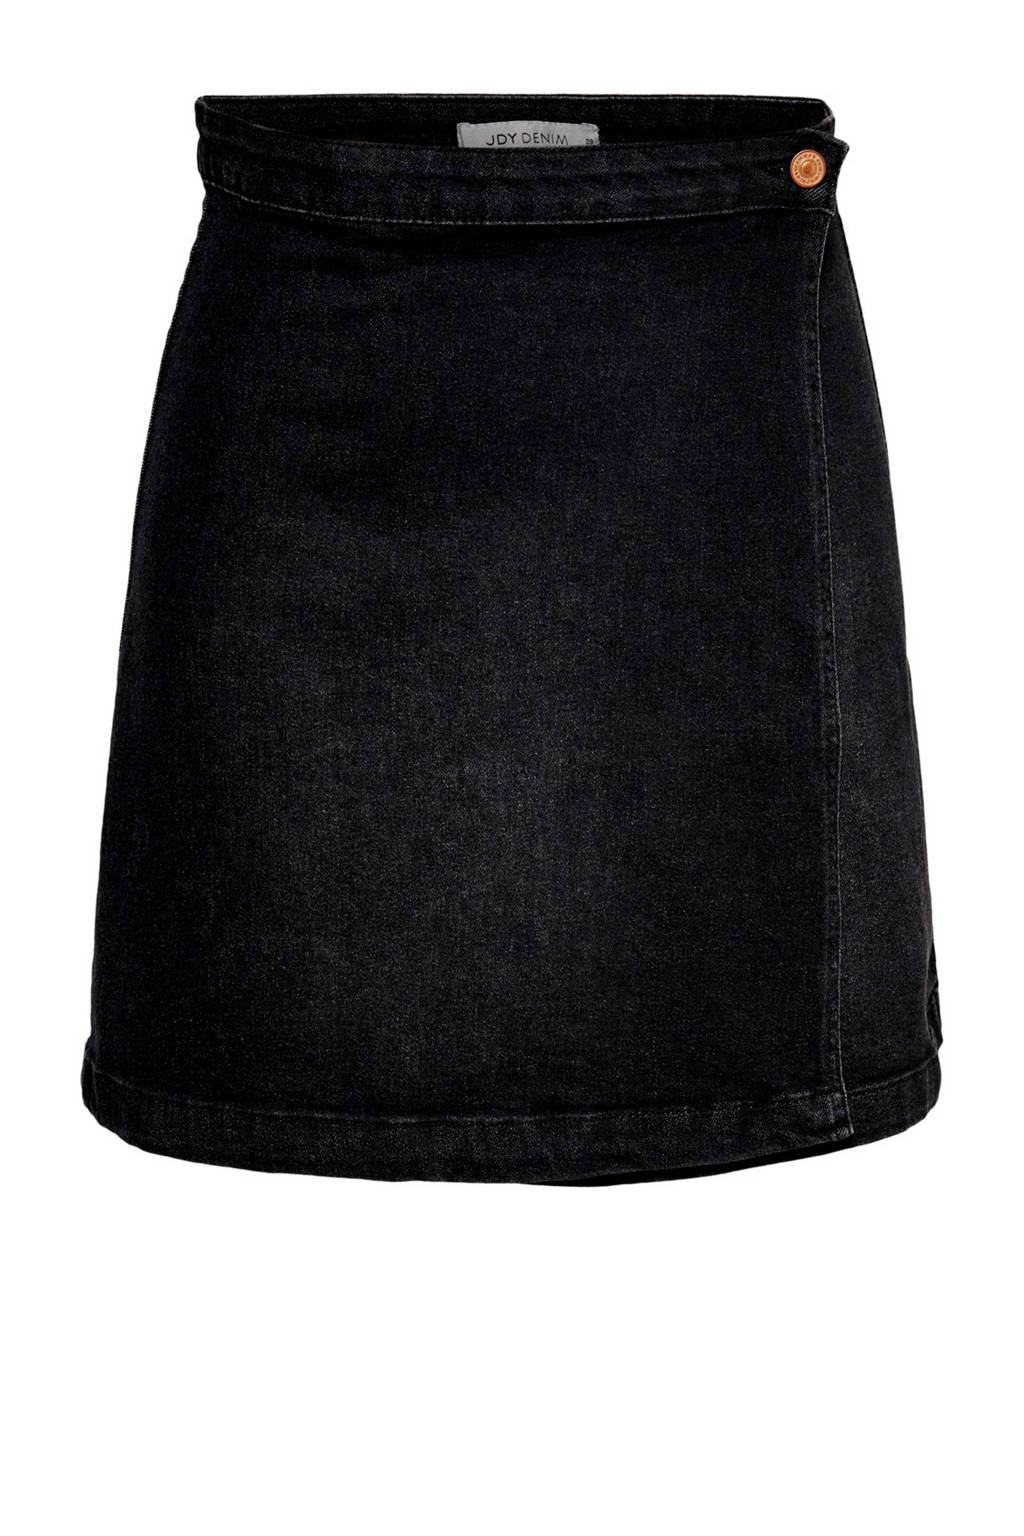 JACQUELINE DE YONG rok zwart, Zwart